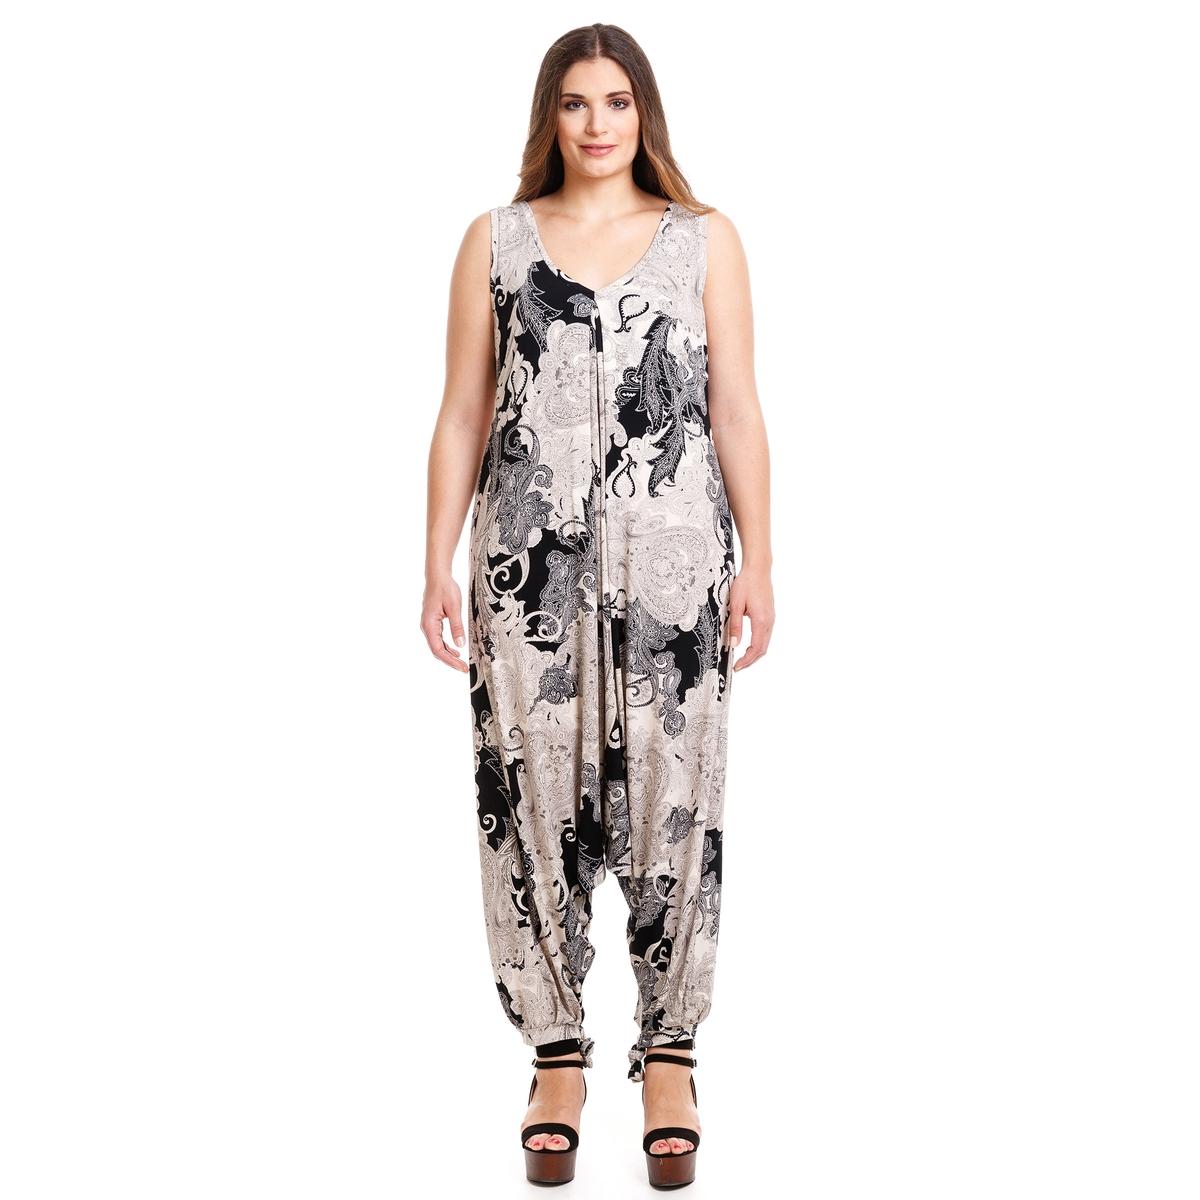 Комбинезон с брюкамиКомбинезон с брюками, MAT FASHION. Струящийся комбинезон без рукавов с кашемировым рисунком. Завязки на щиколотках. 94% полиэстера, 6% эластана<br><br>Цвет: набивной рисунок<br>Размер: 44/48